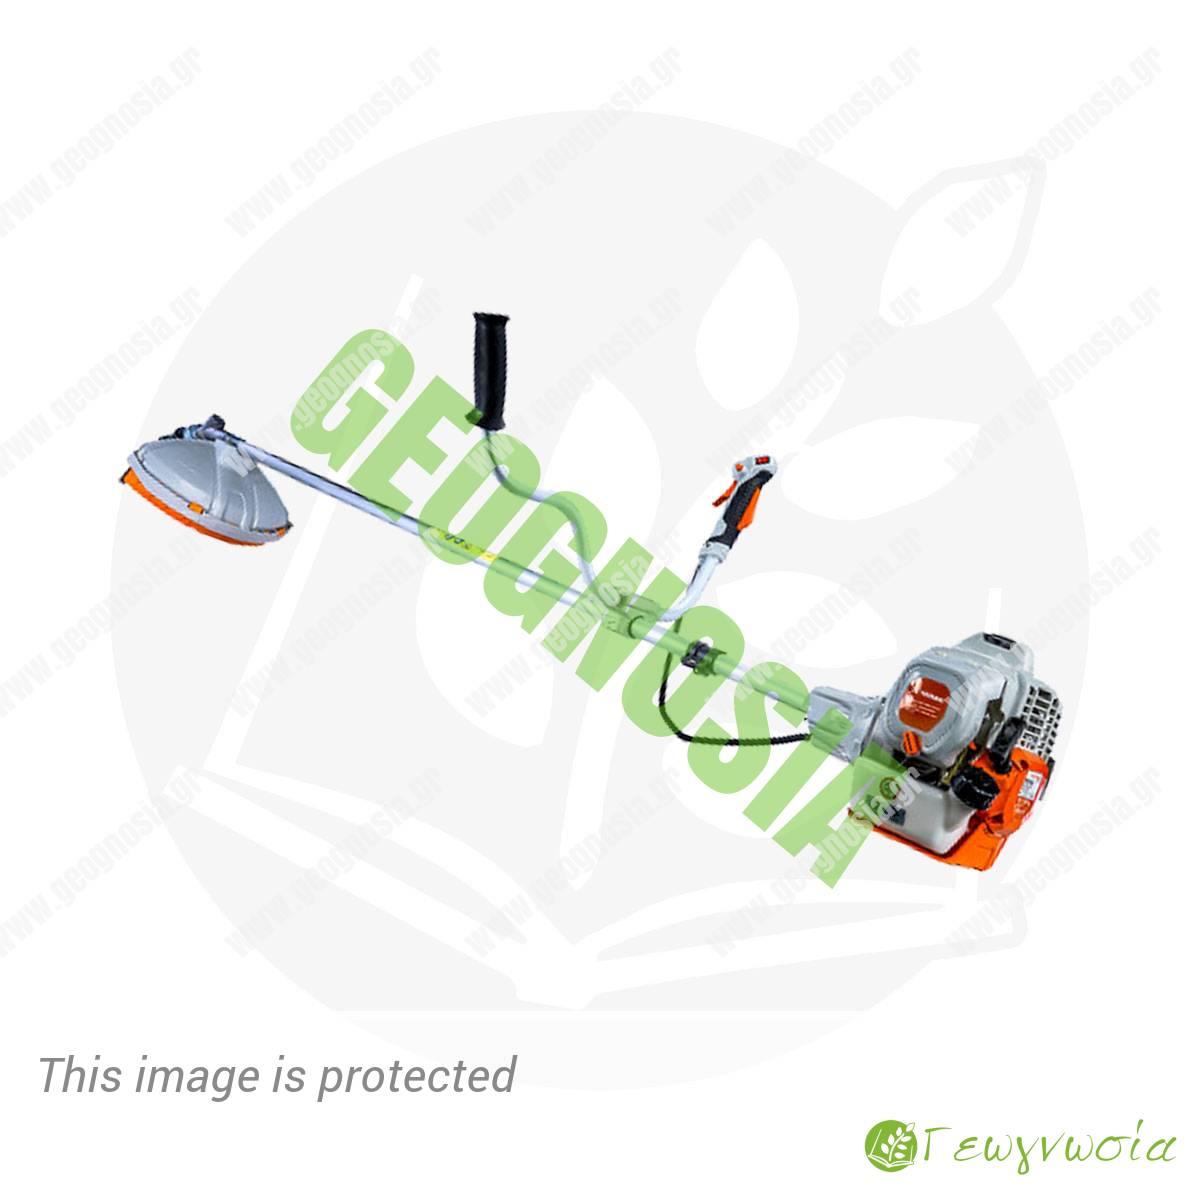 Θαμνοκοπτικό Βενζίνης PB5450 NAKAYAMA